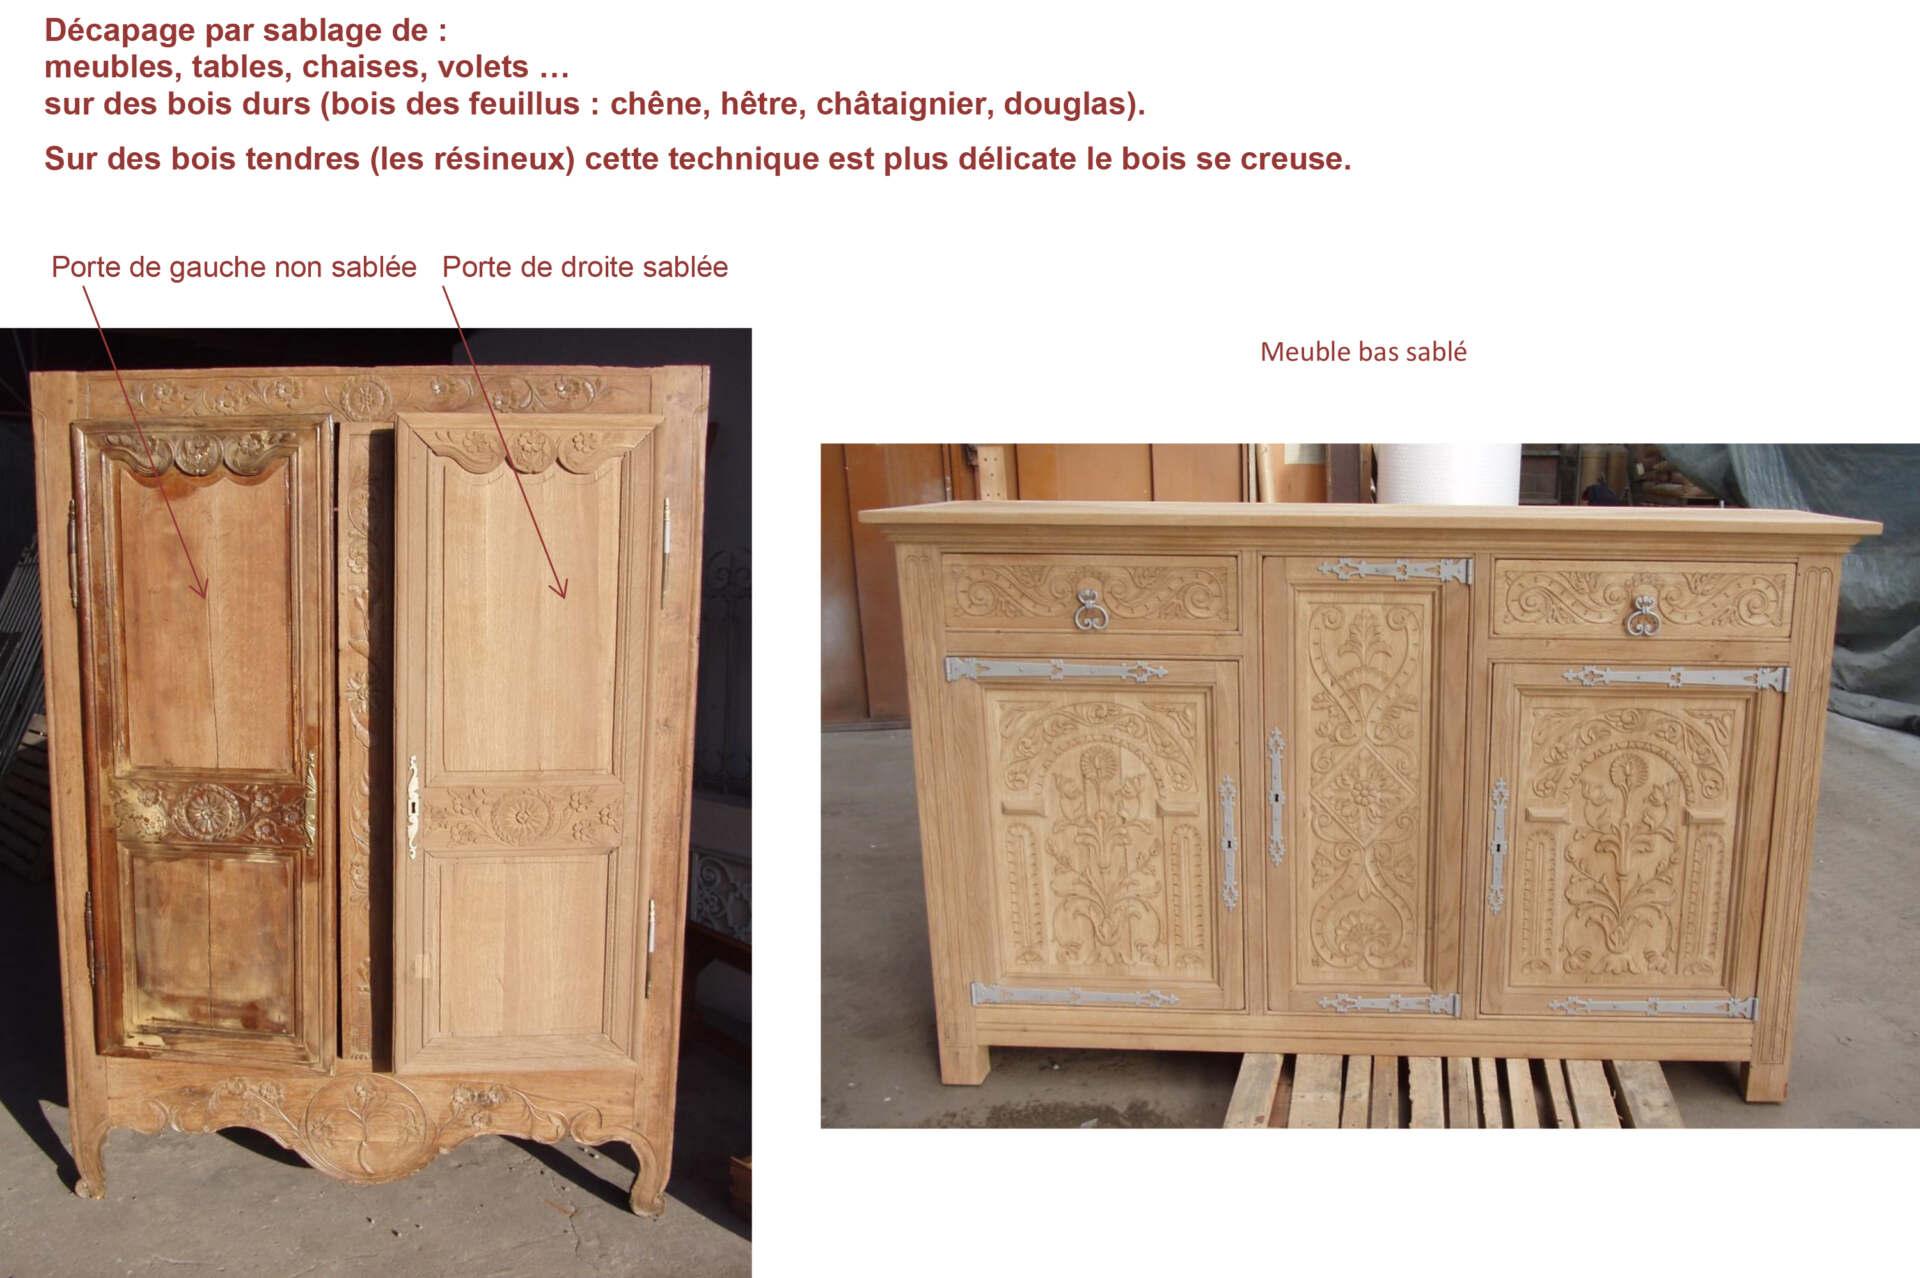 Décapage par sablage de meubles